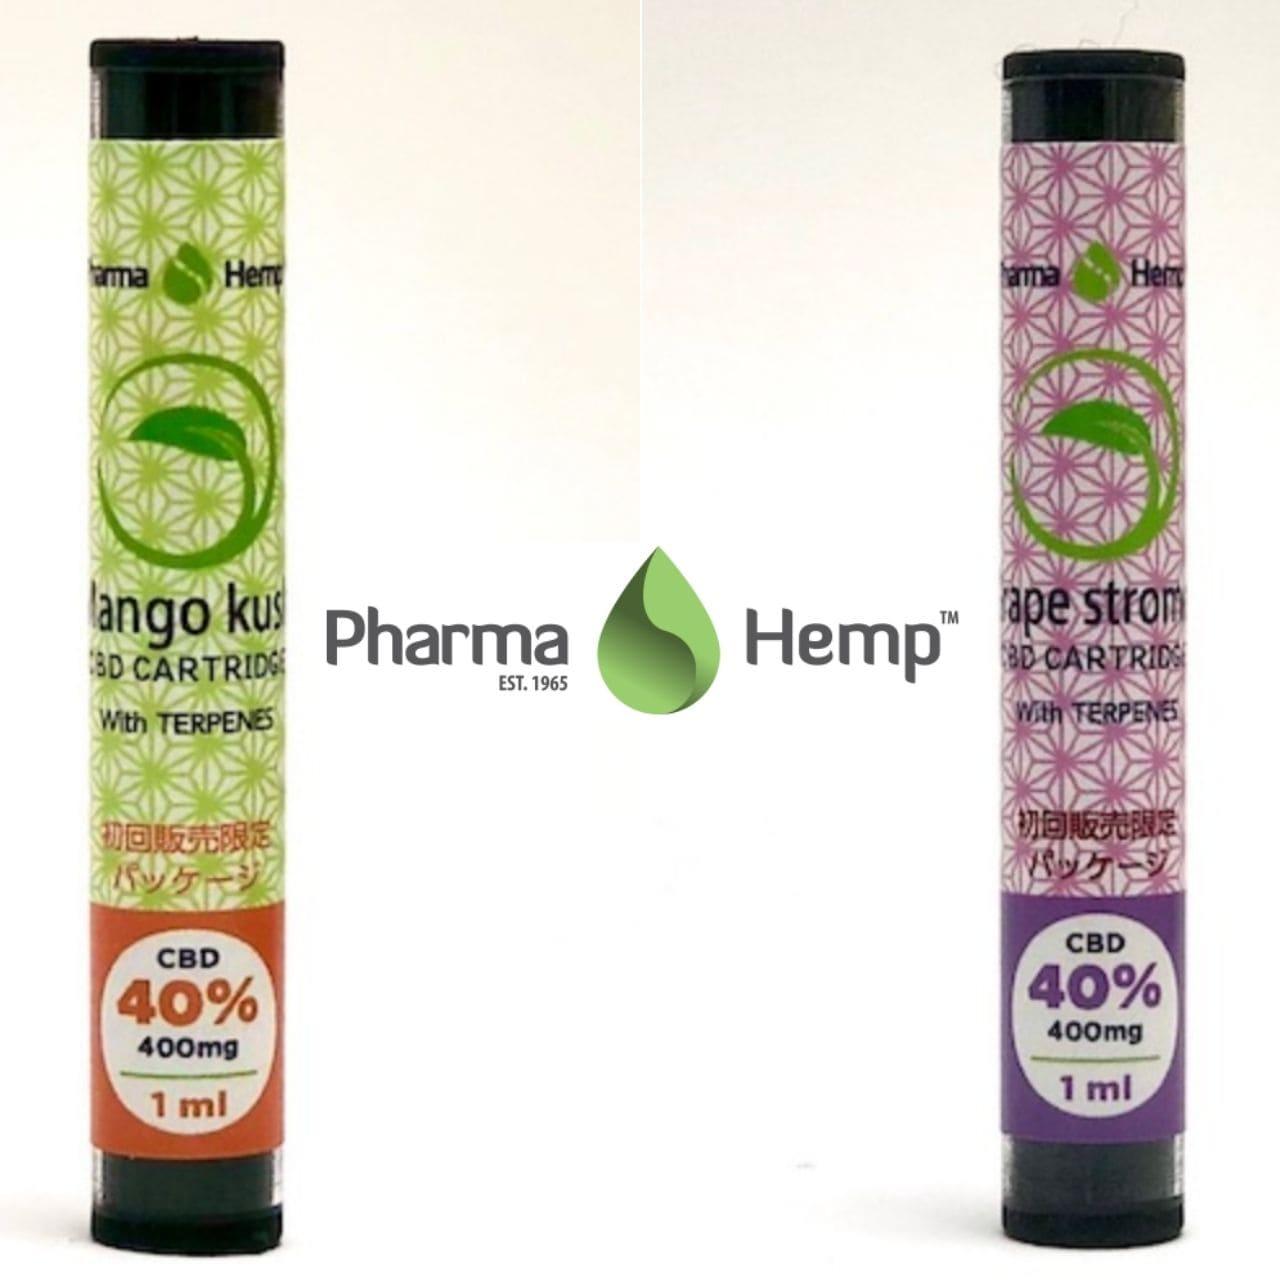 ファーマヘンプ(PharmaHemp) - CBDリキッドカートリッジ400mg/1mlの画像